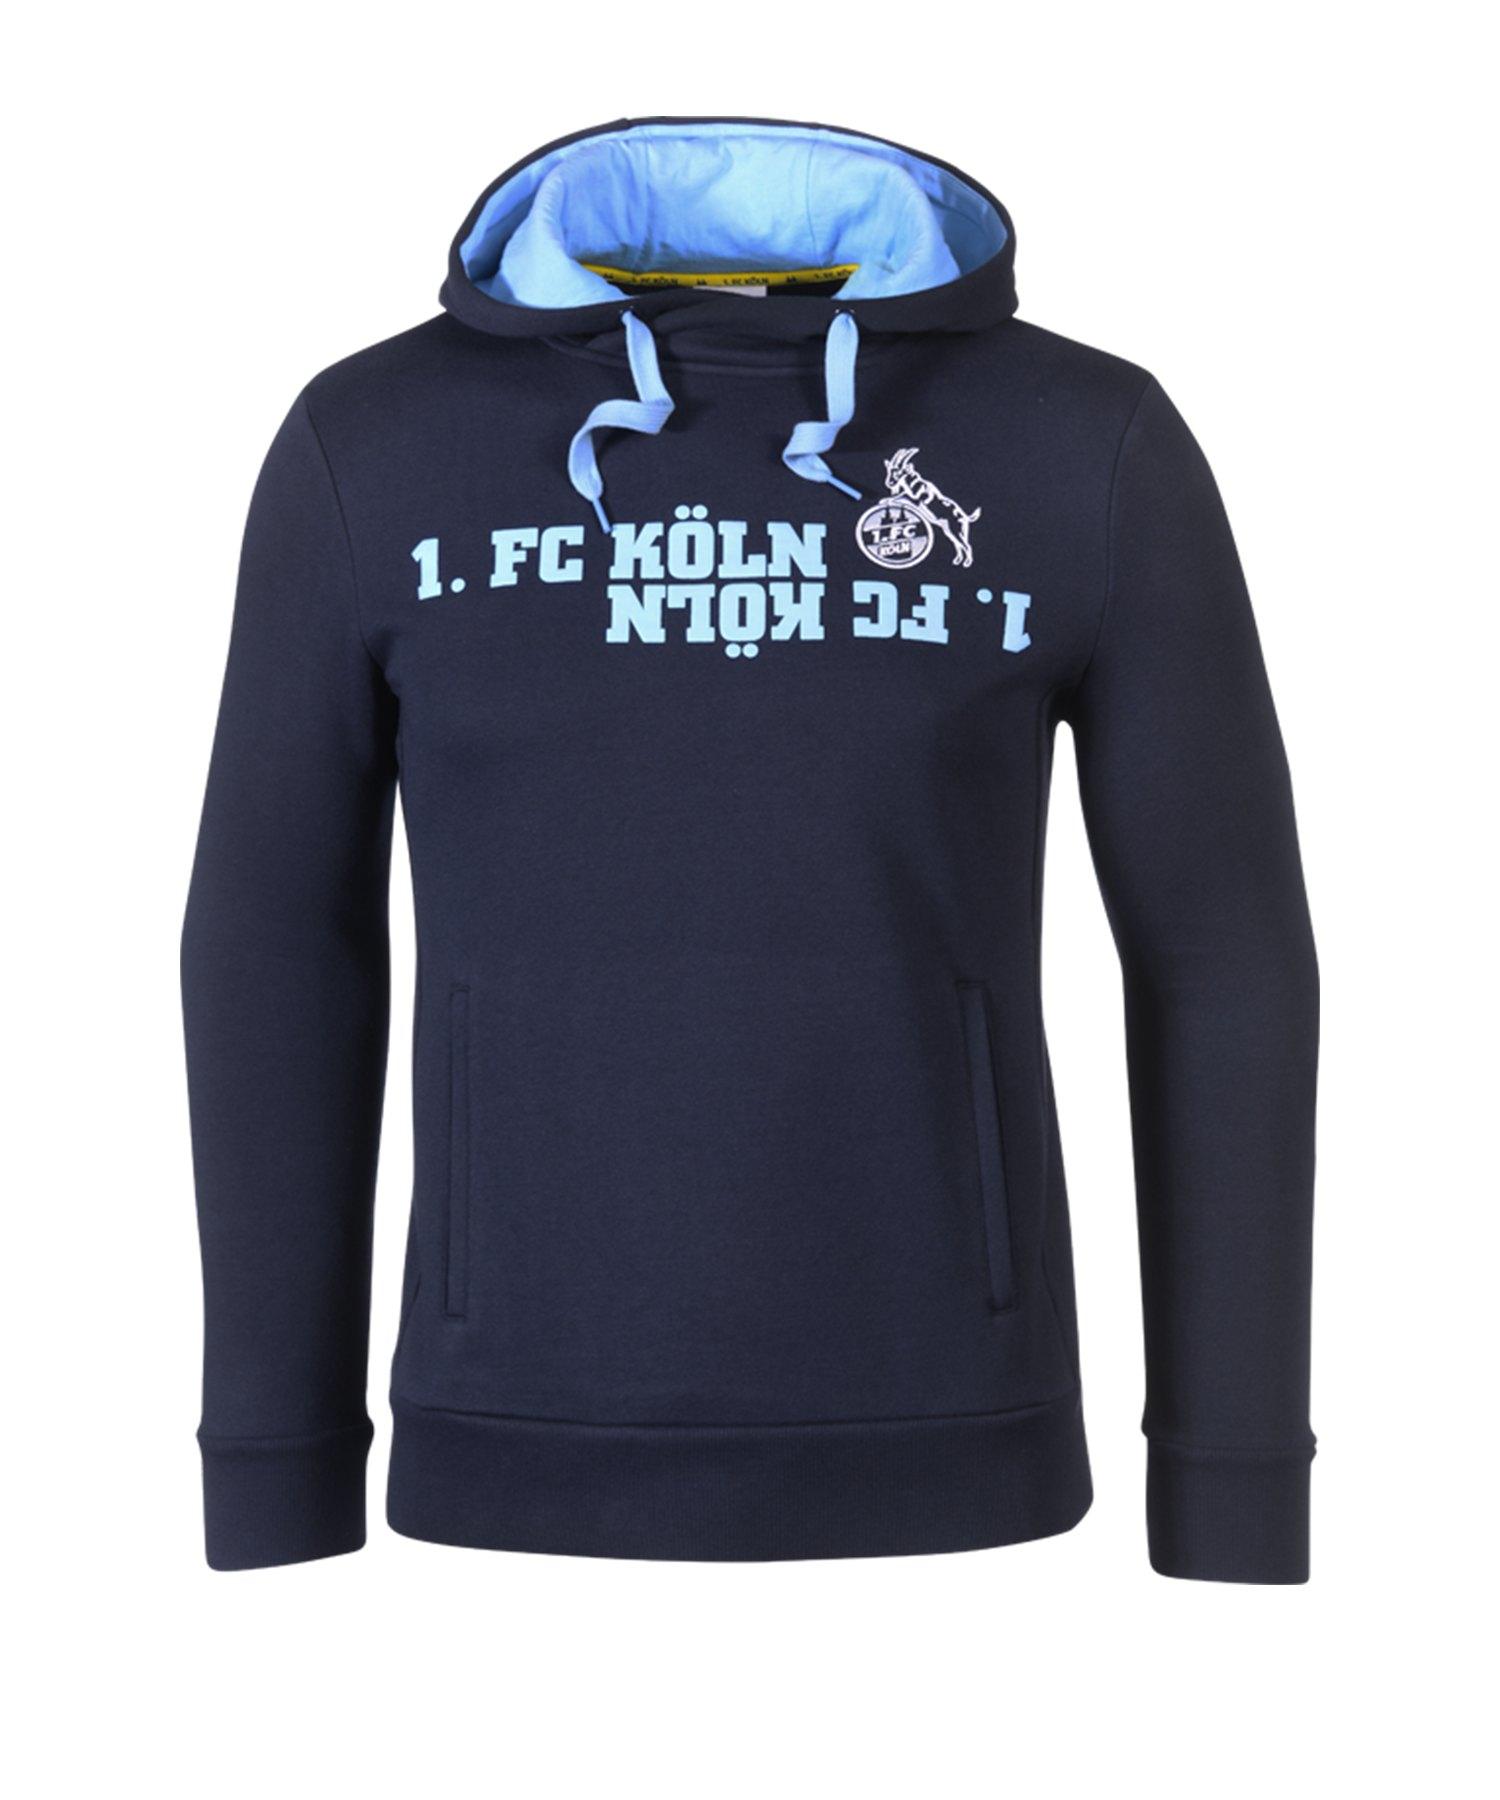 Uhlsport 1. FC Köln Kapuzensweatshirt 19/20 Blau - blau